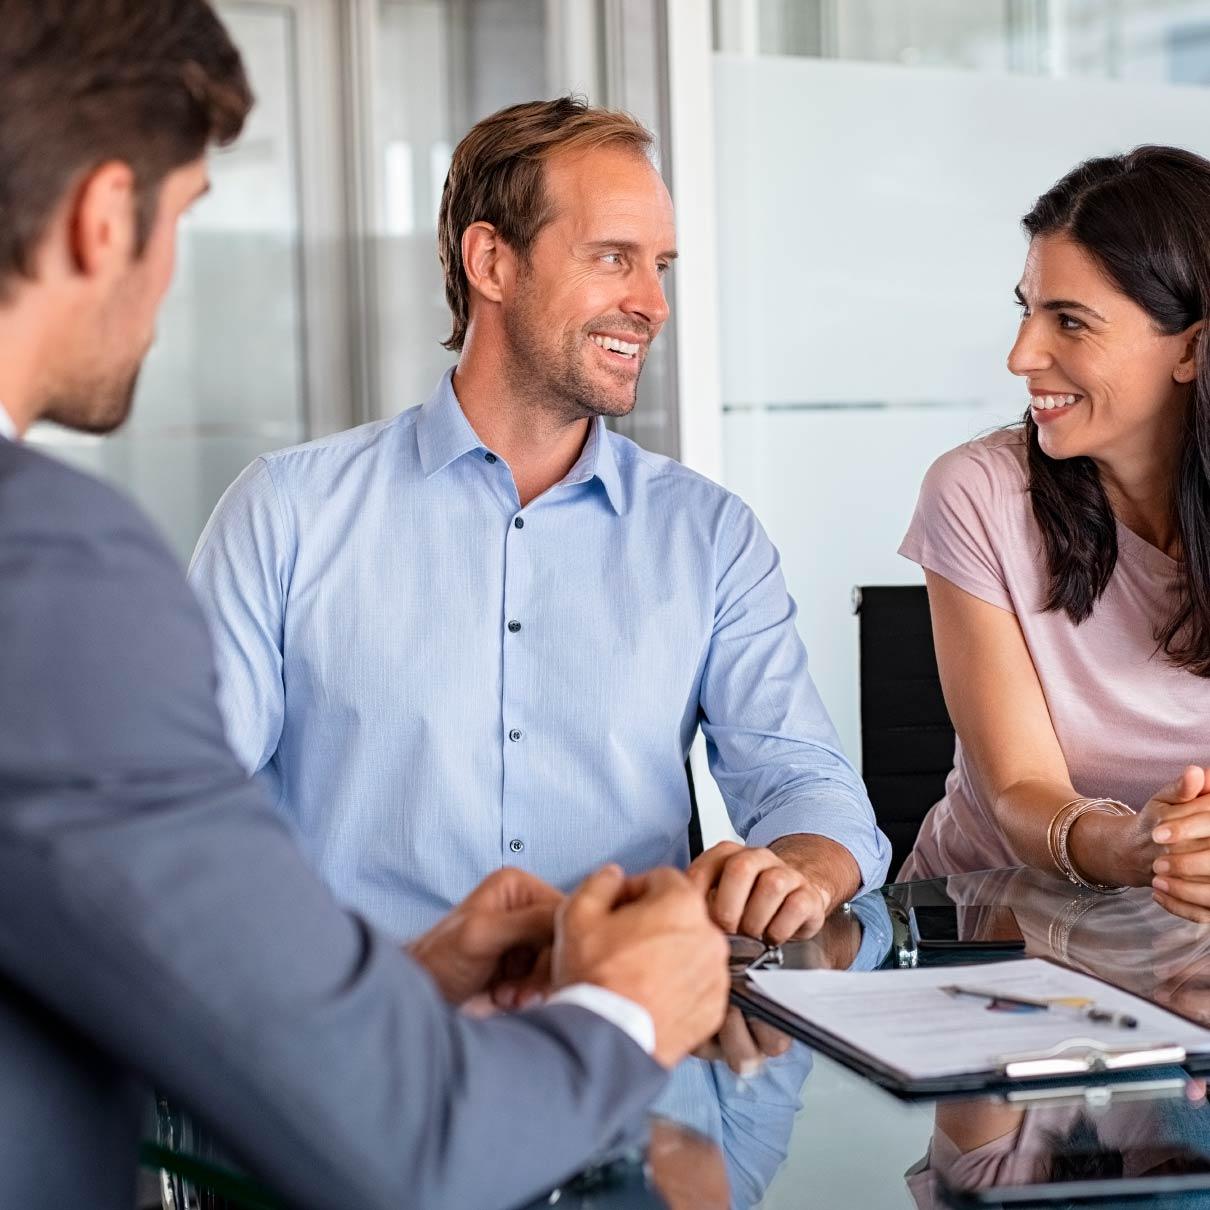 Um homem e uma mulher sorriem um para o outro na mesa durante uma reunião. Um segundo homem de negócios está de costas para a câmera.